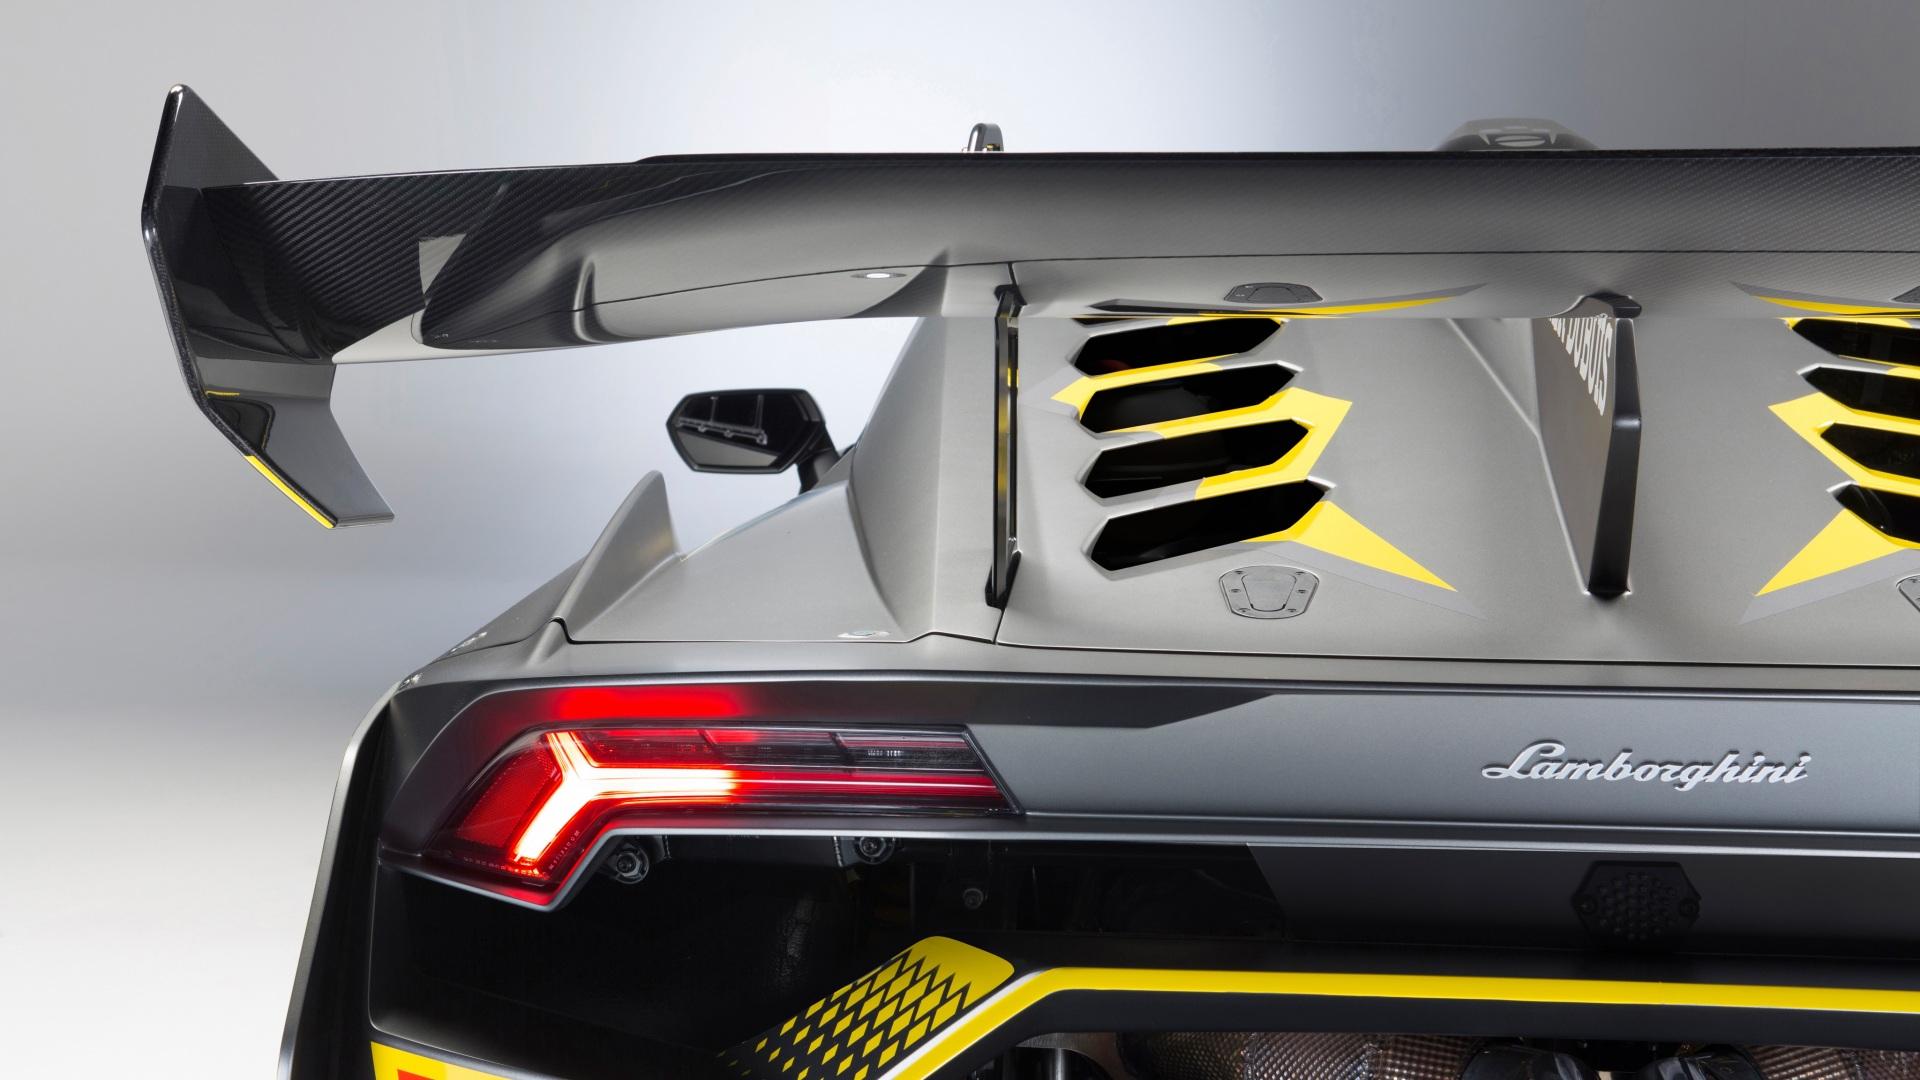 Picture Lamborghini Huracan Super Trofeo Evo Back view Headlights automobile Closeup 1920x1080 Cars auto